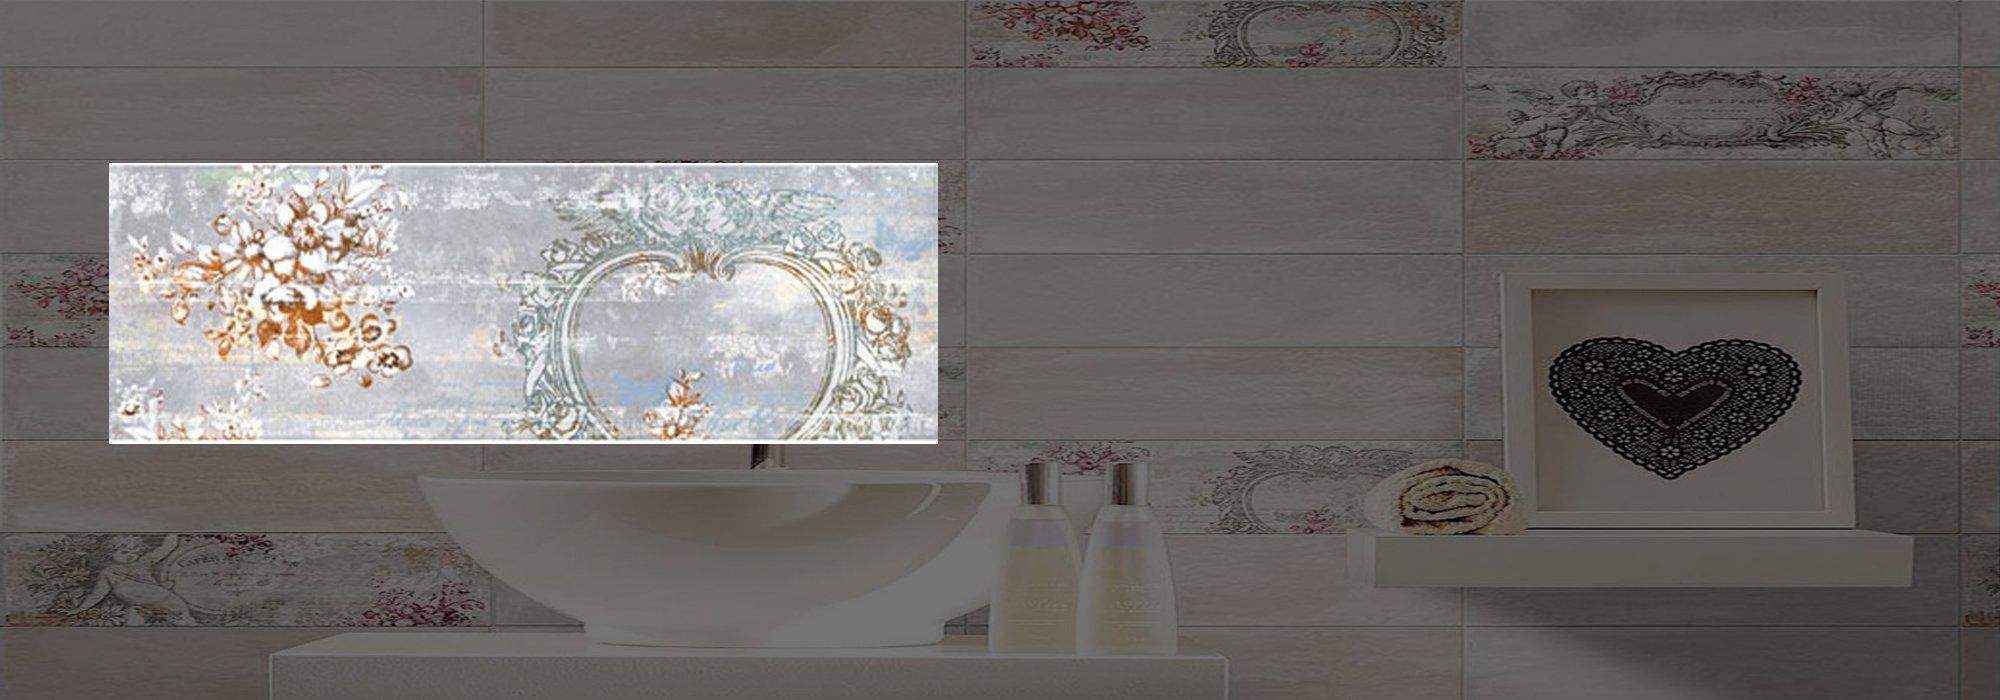 דקור קרמיקה אנטיק אפור דגם 02 10*30 by Milstone